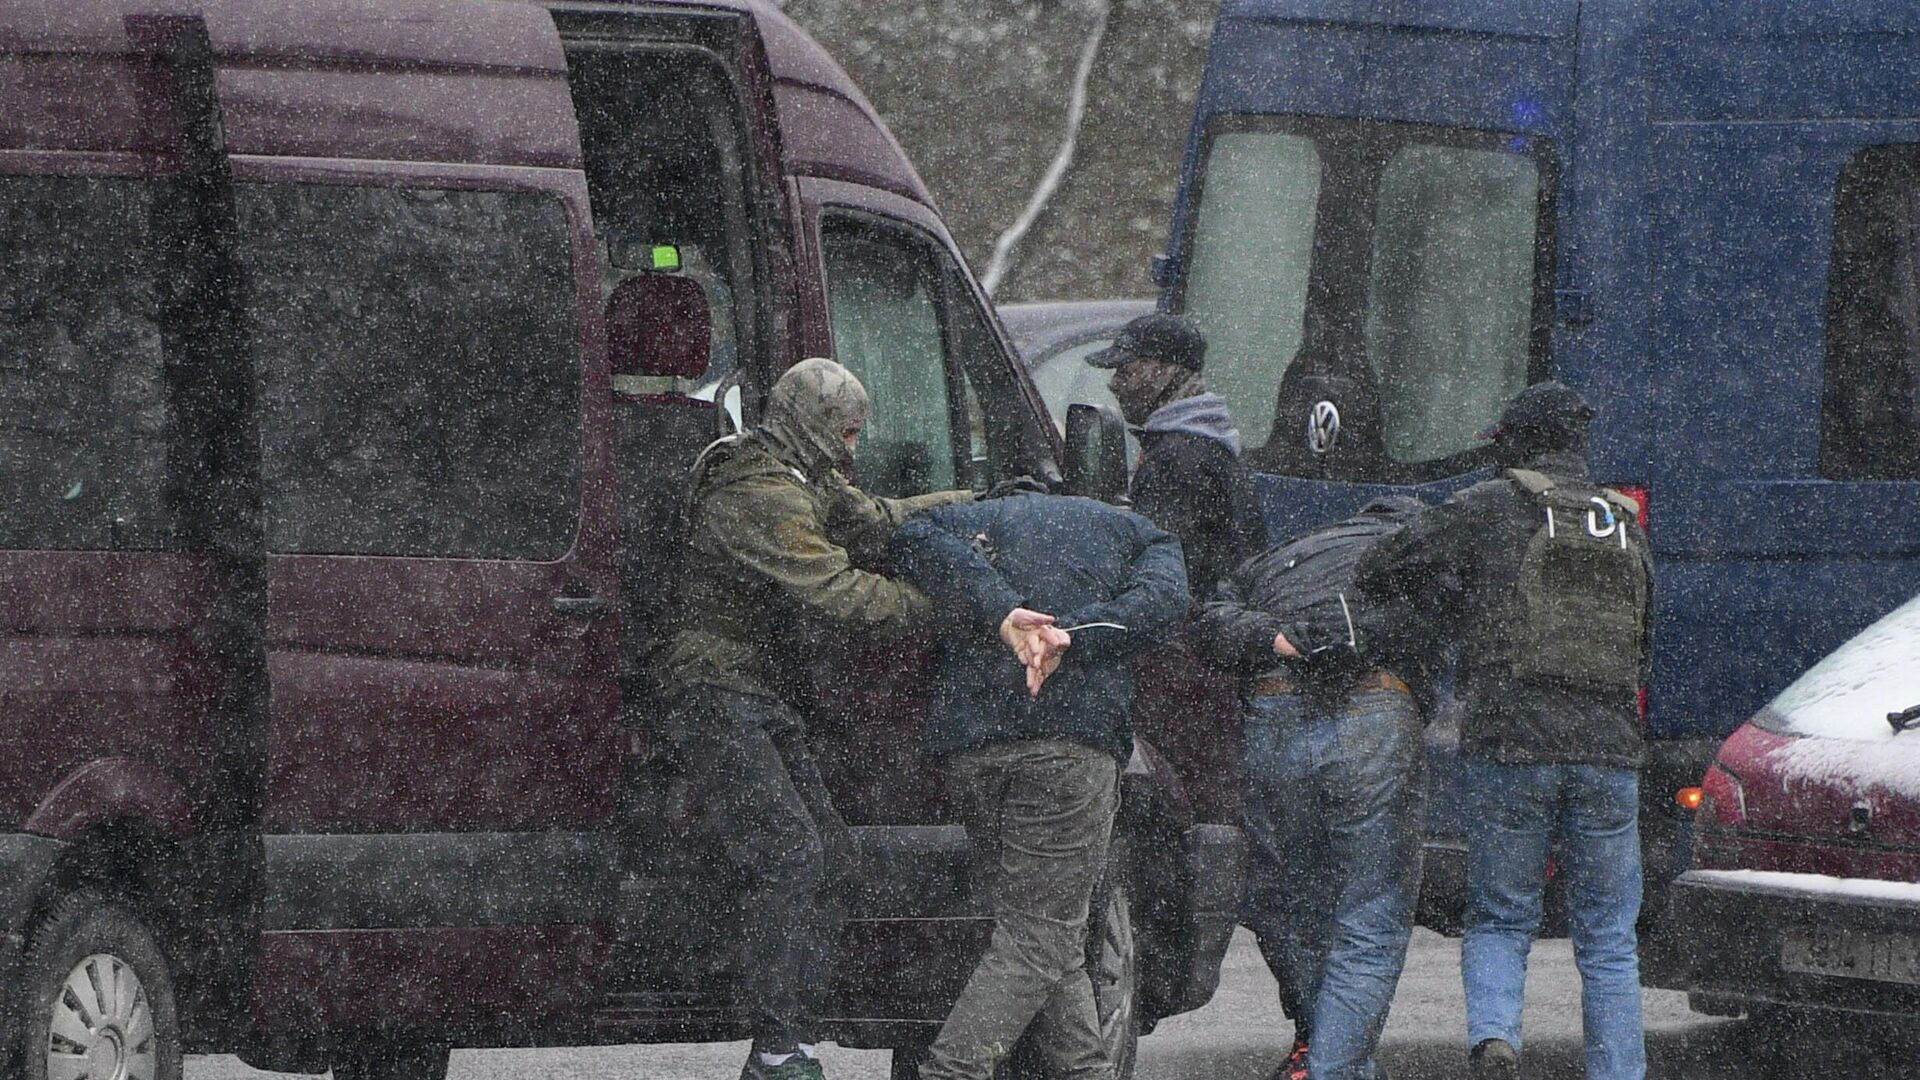 Сотрудники правоохранительных органов задерживает участника несанкционированной акции протеста Марш соседей в Минске - РИА Новости, 1920, 30.11.2020